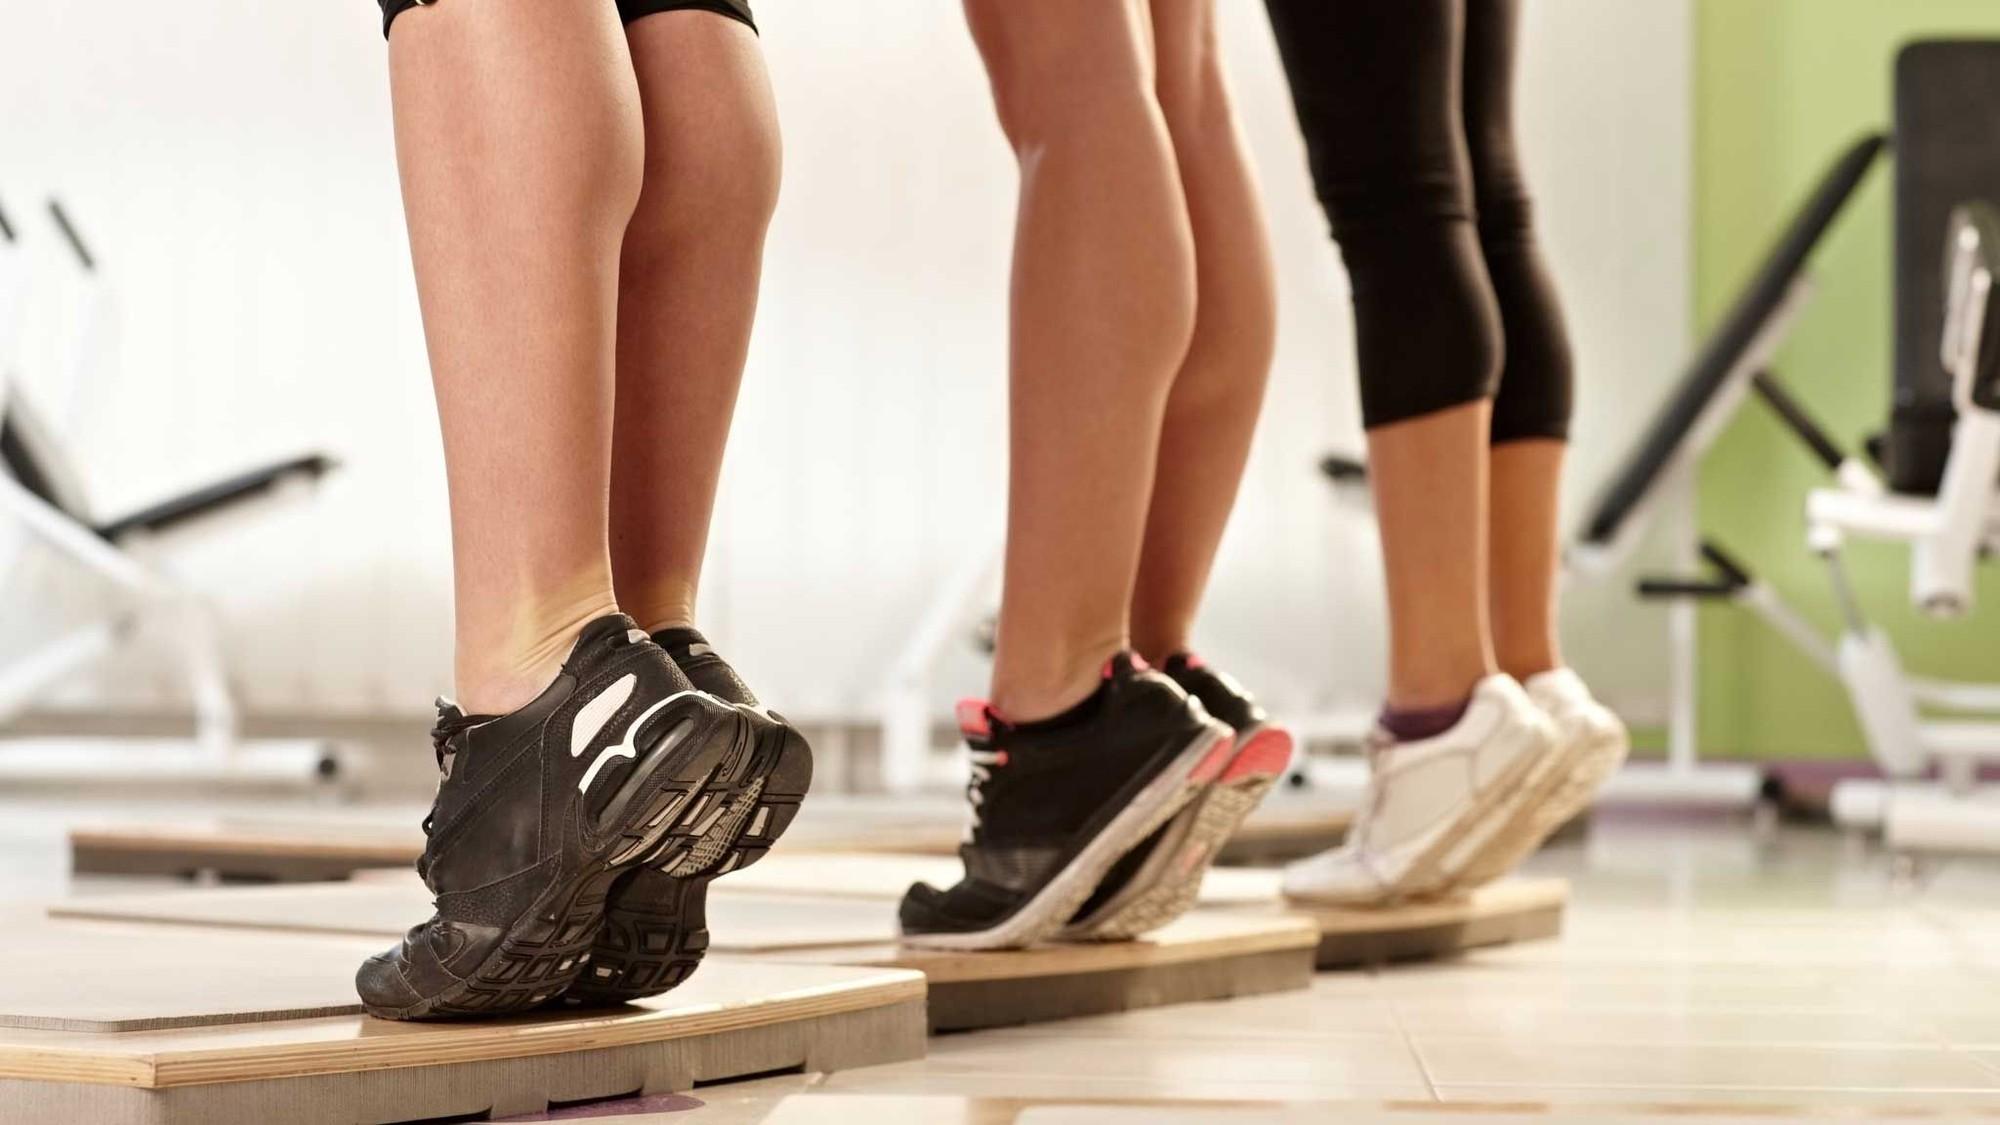 Những sai lầm khi tập luyện khiến bắp chân chẳng những không nhỏ đi mà còn to ra - Ảnh 2.